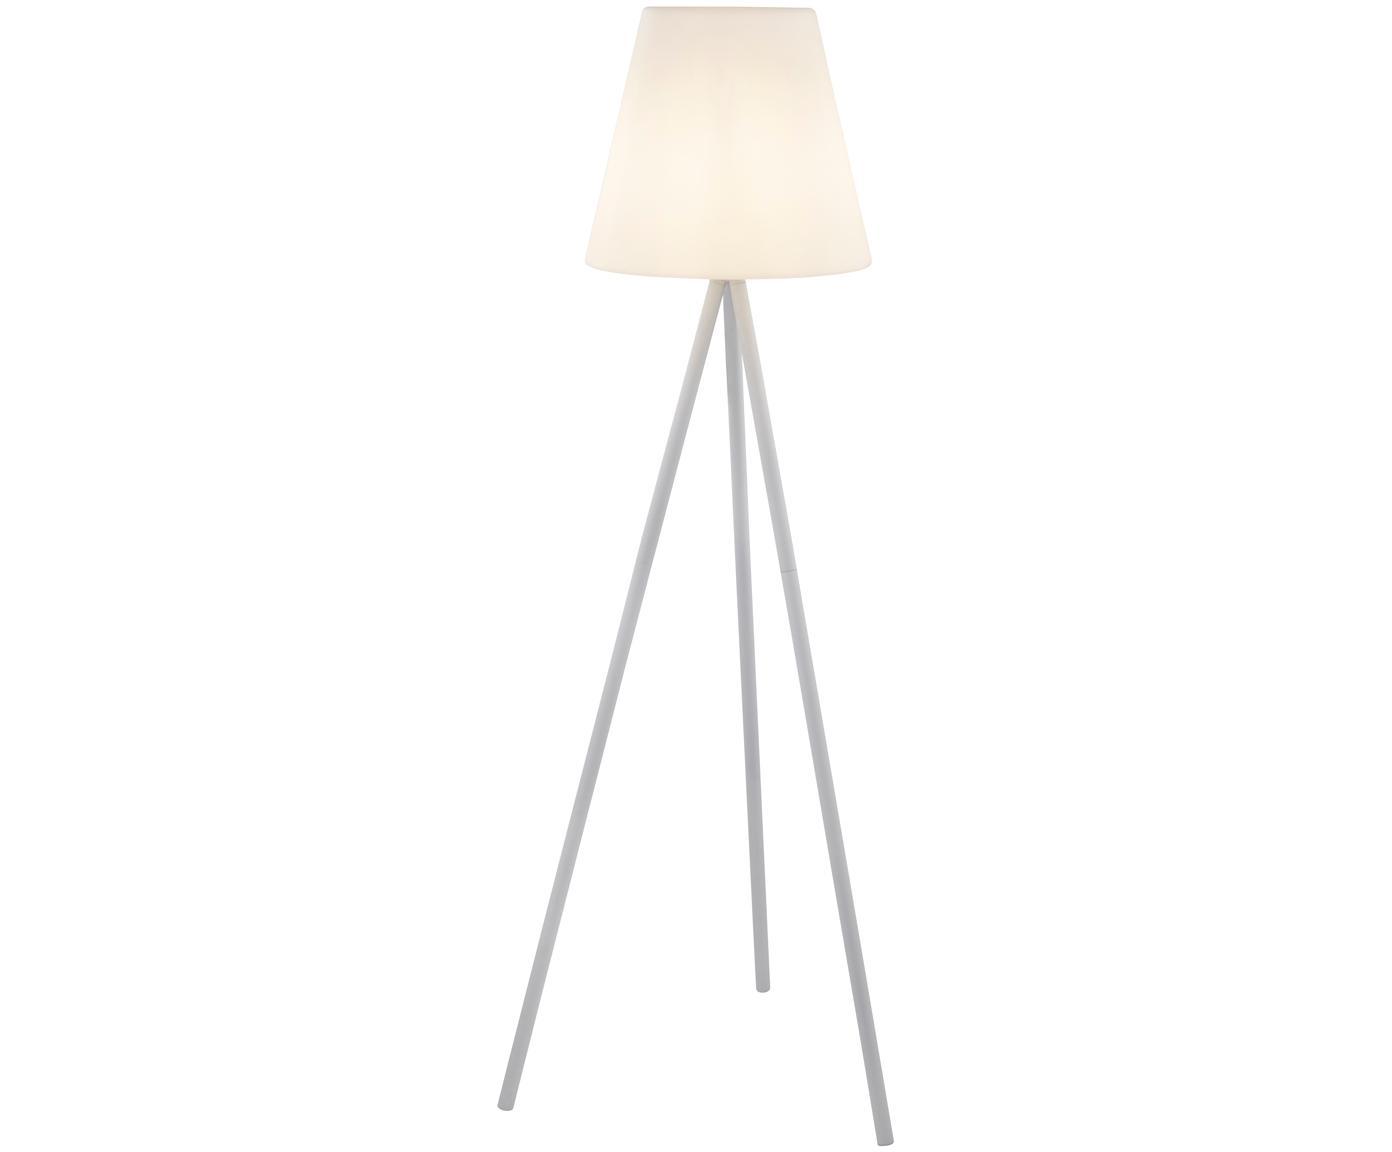 Lámpara para exteriorWells, Pantalla: plástico, Base de la lámpara: aluminio anodizado, Blanco, Ø 35 x Al 134 cm